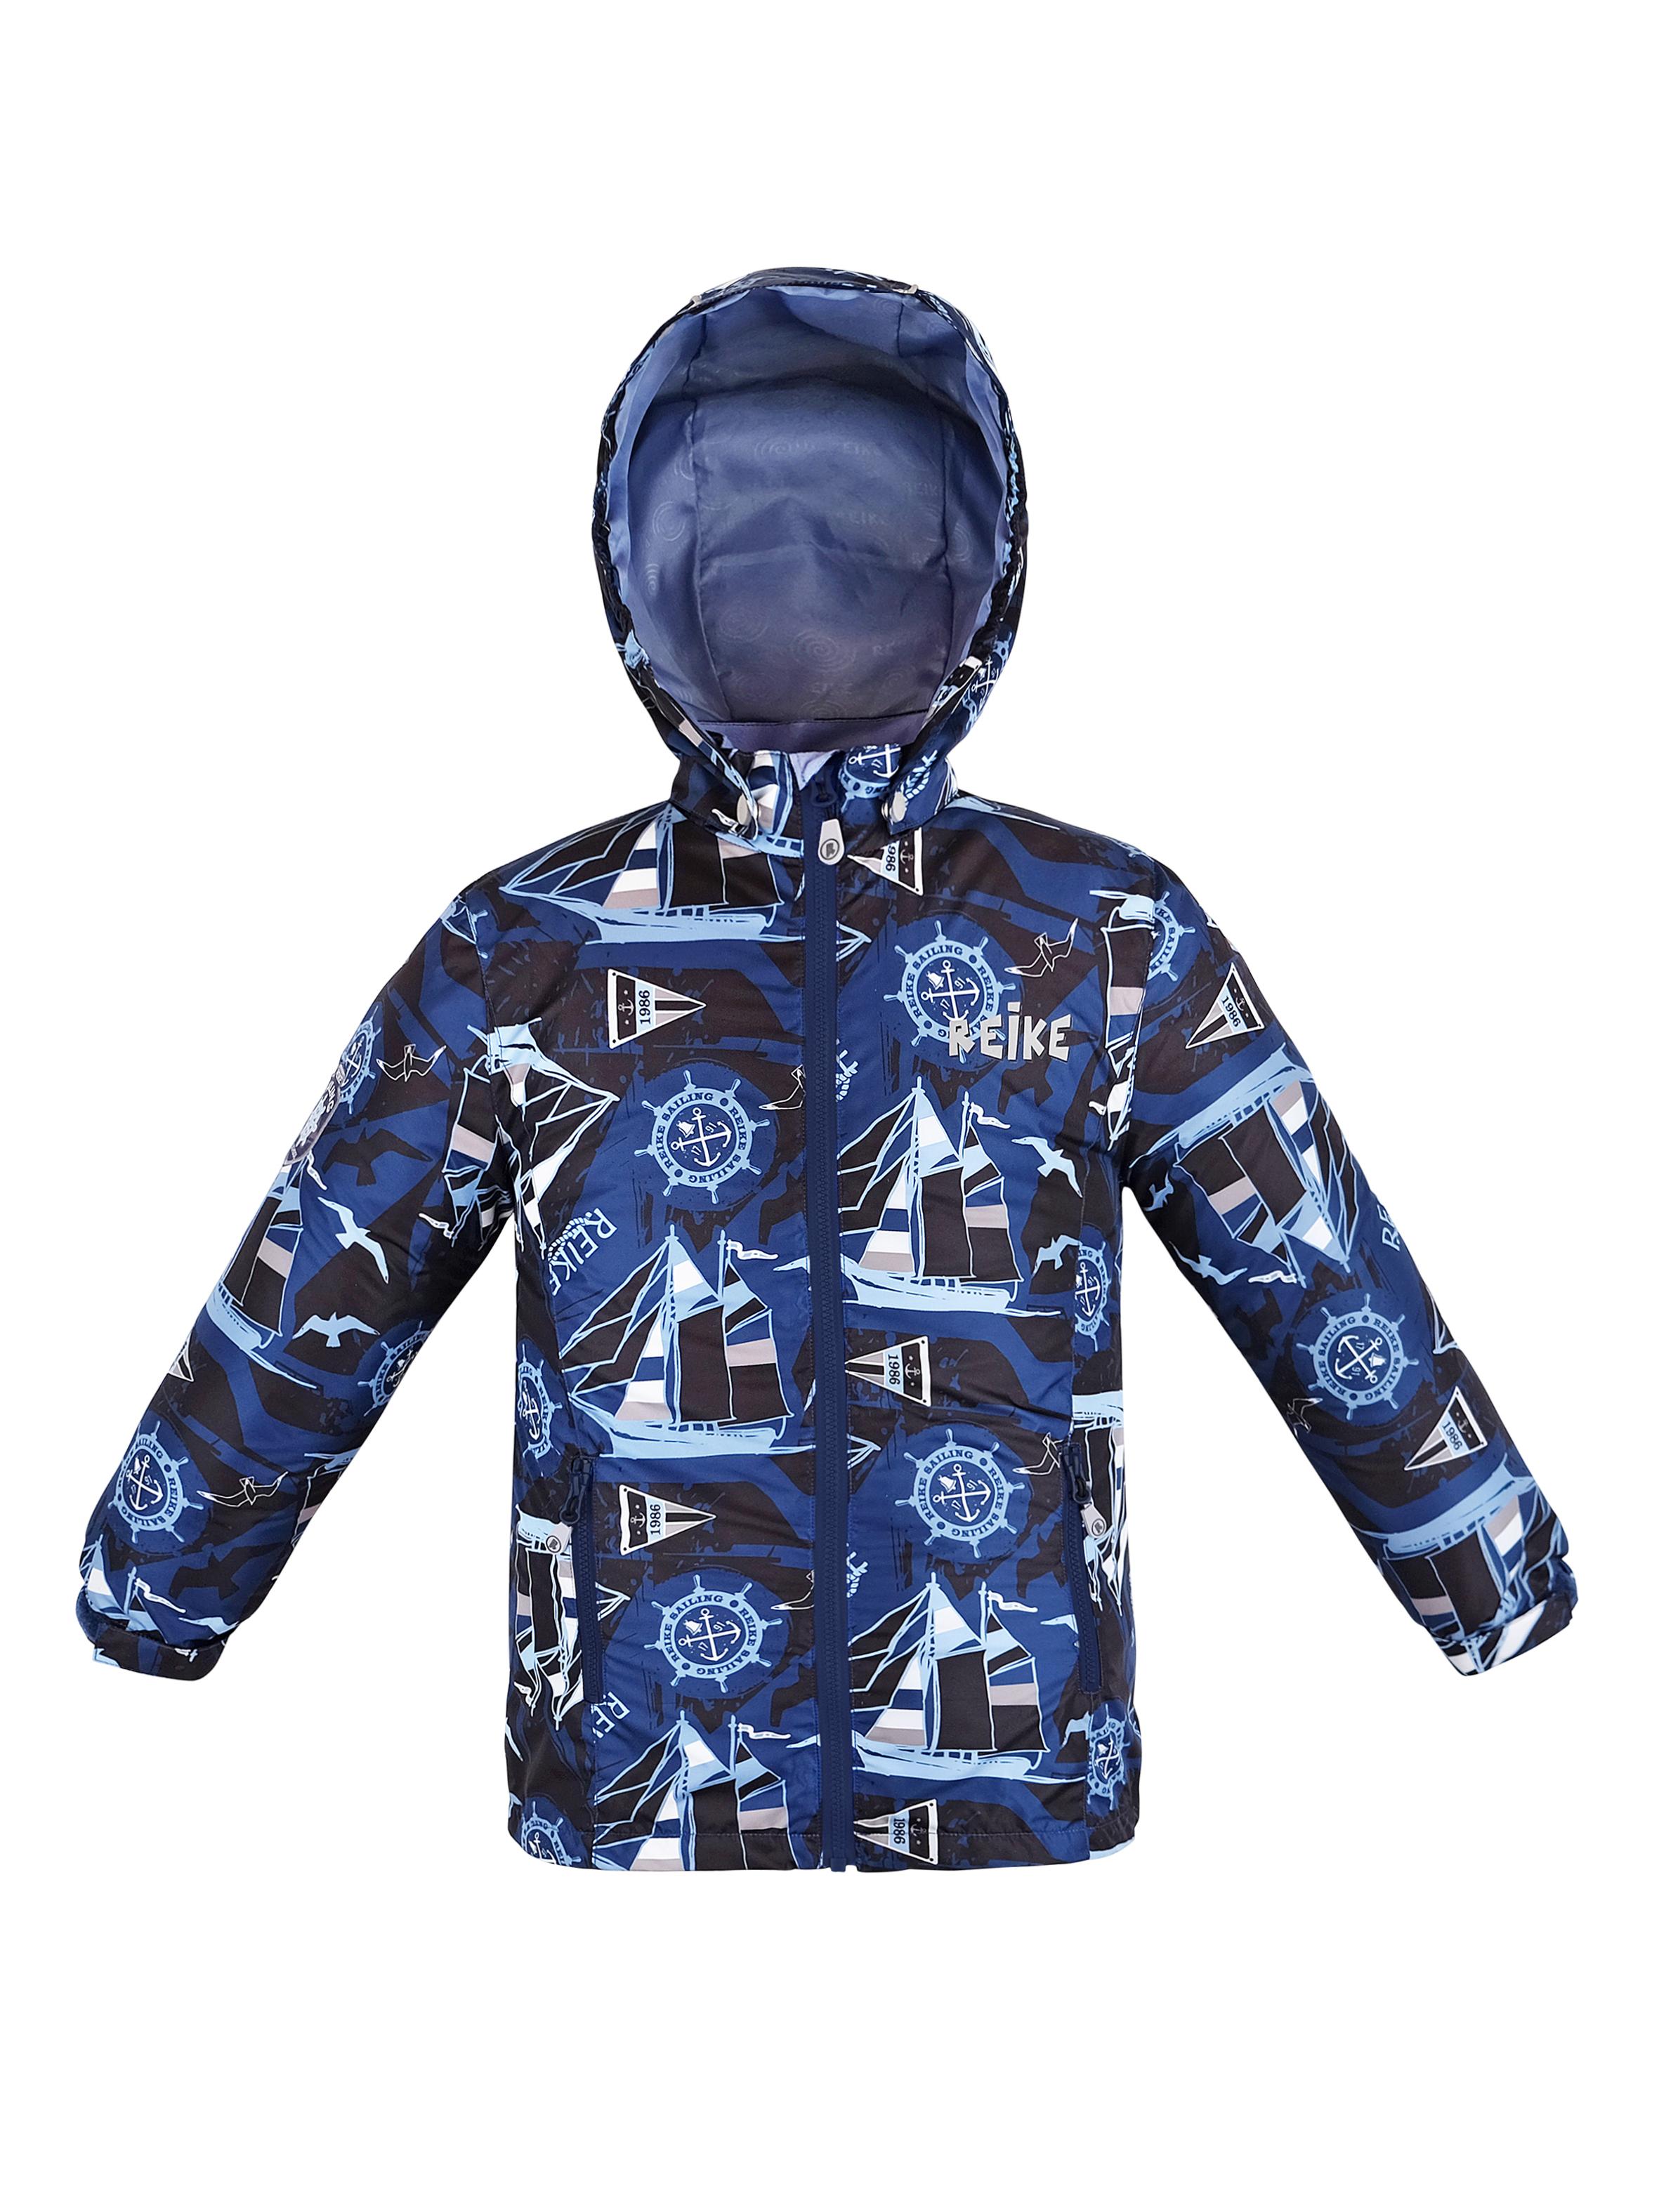 Куртка для мальчика Reike Sailing navy р.146